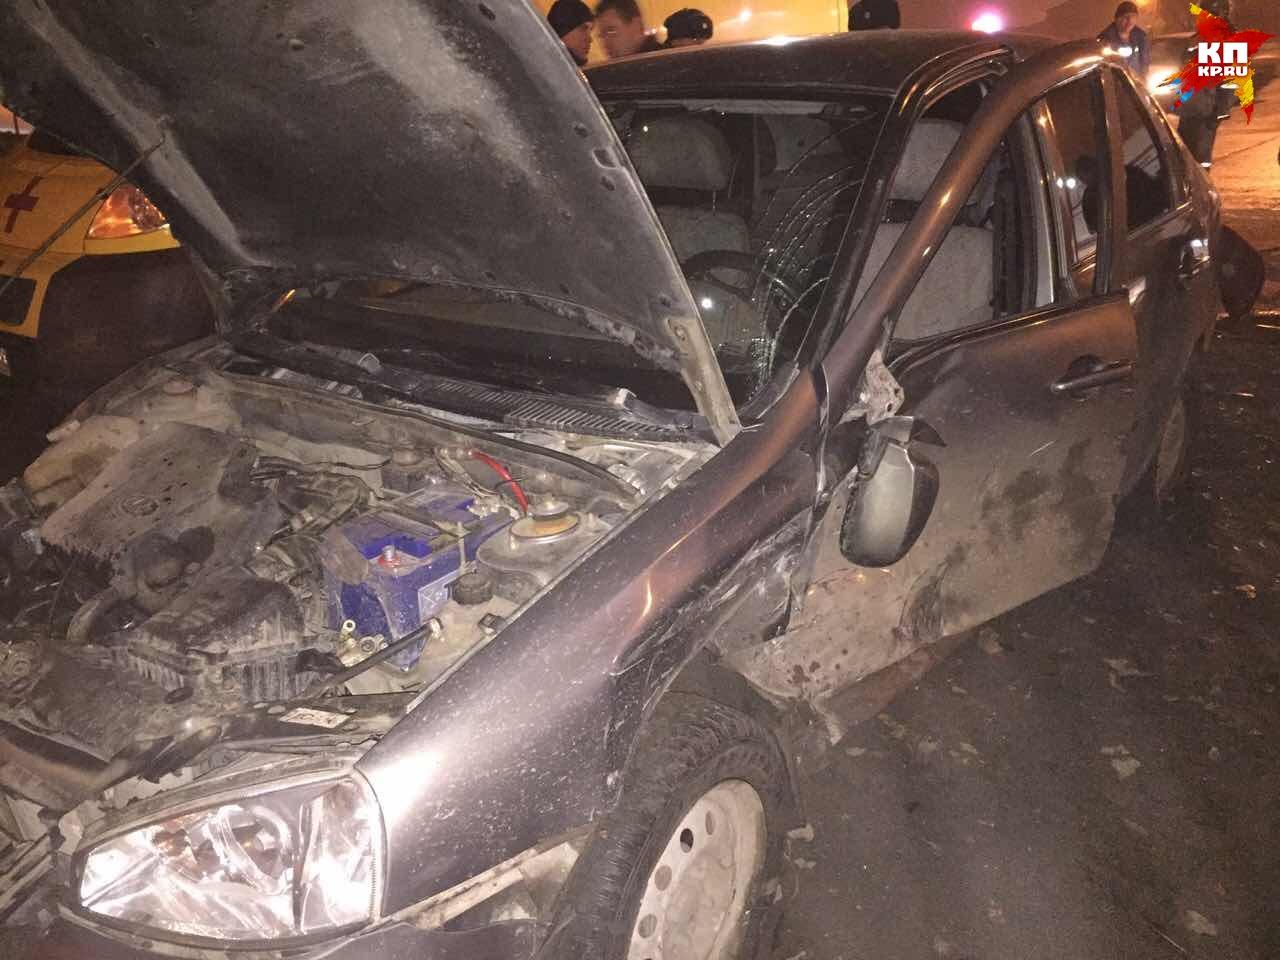 Вночной трагедии пострадали три девушки иодин мужчина